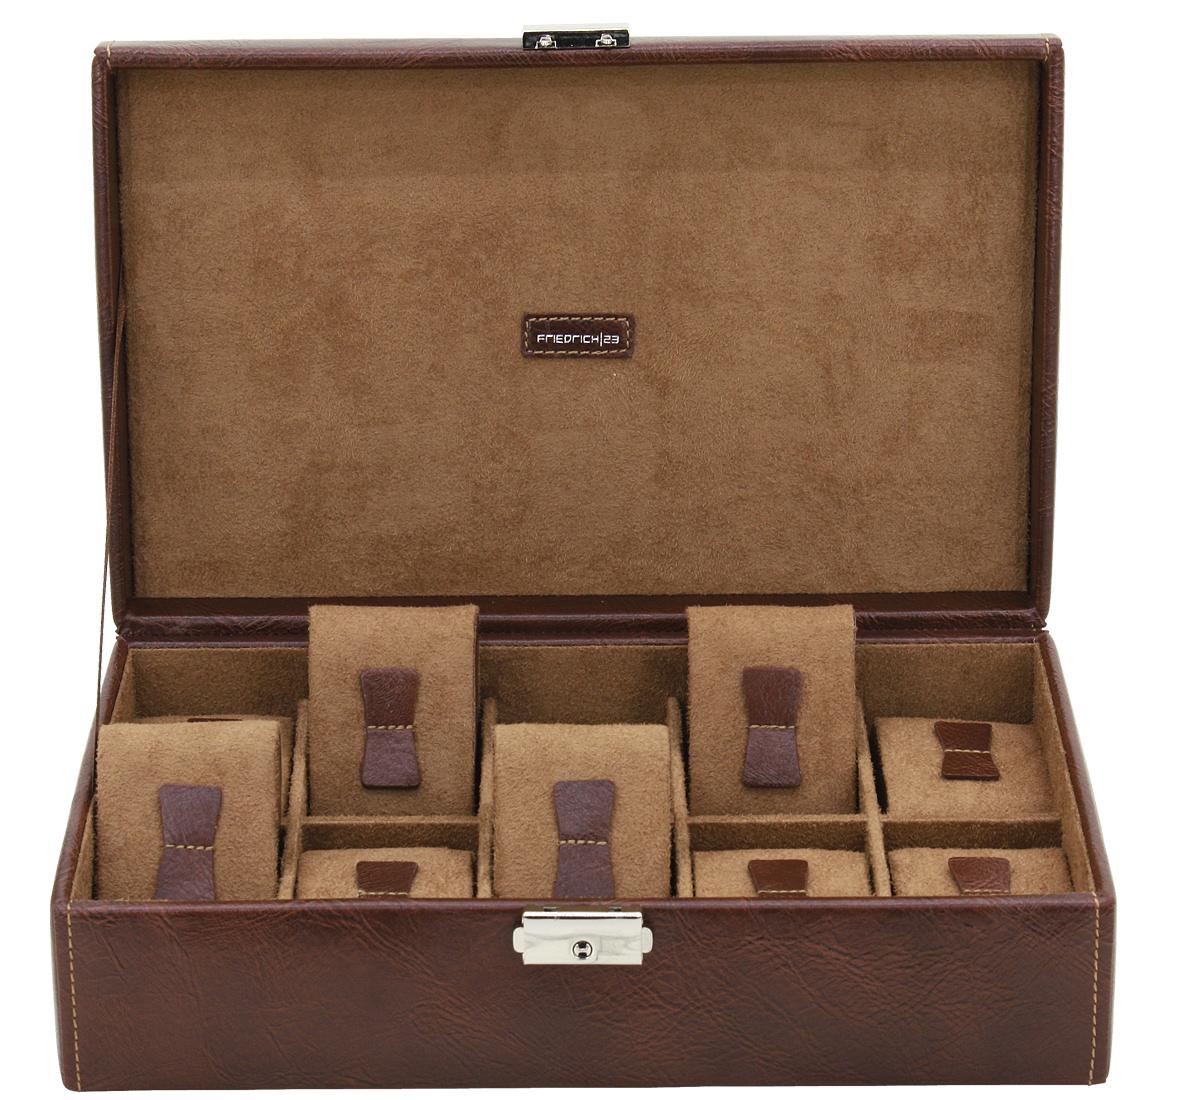 Immagine principale di custodia 10 orologi in eco pelle marrone portaorologi it porta - Porta orologi ikea ...